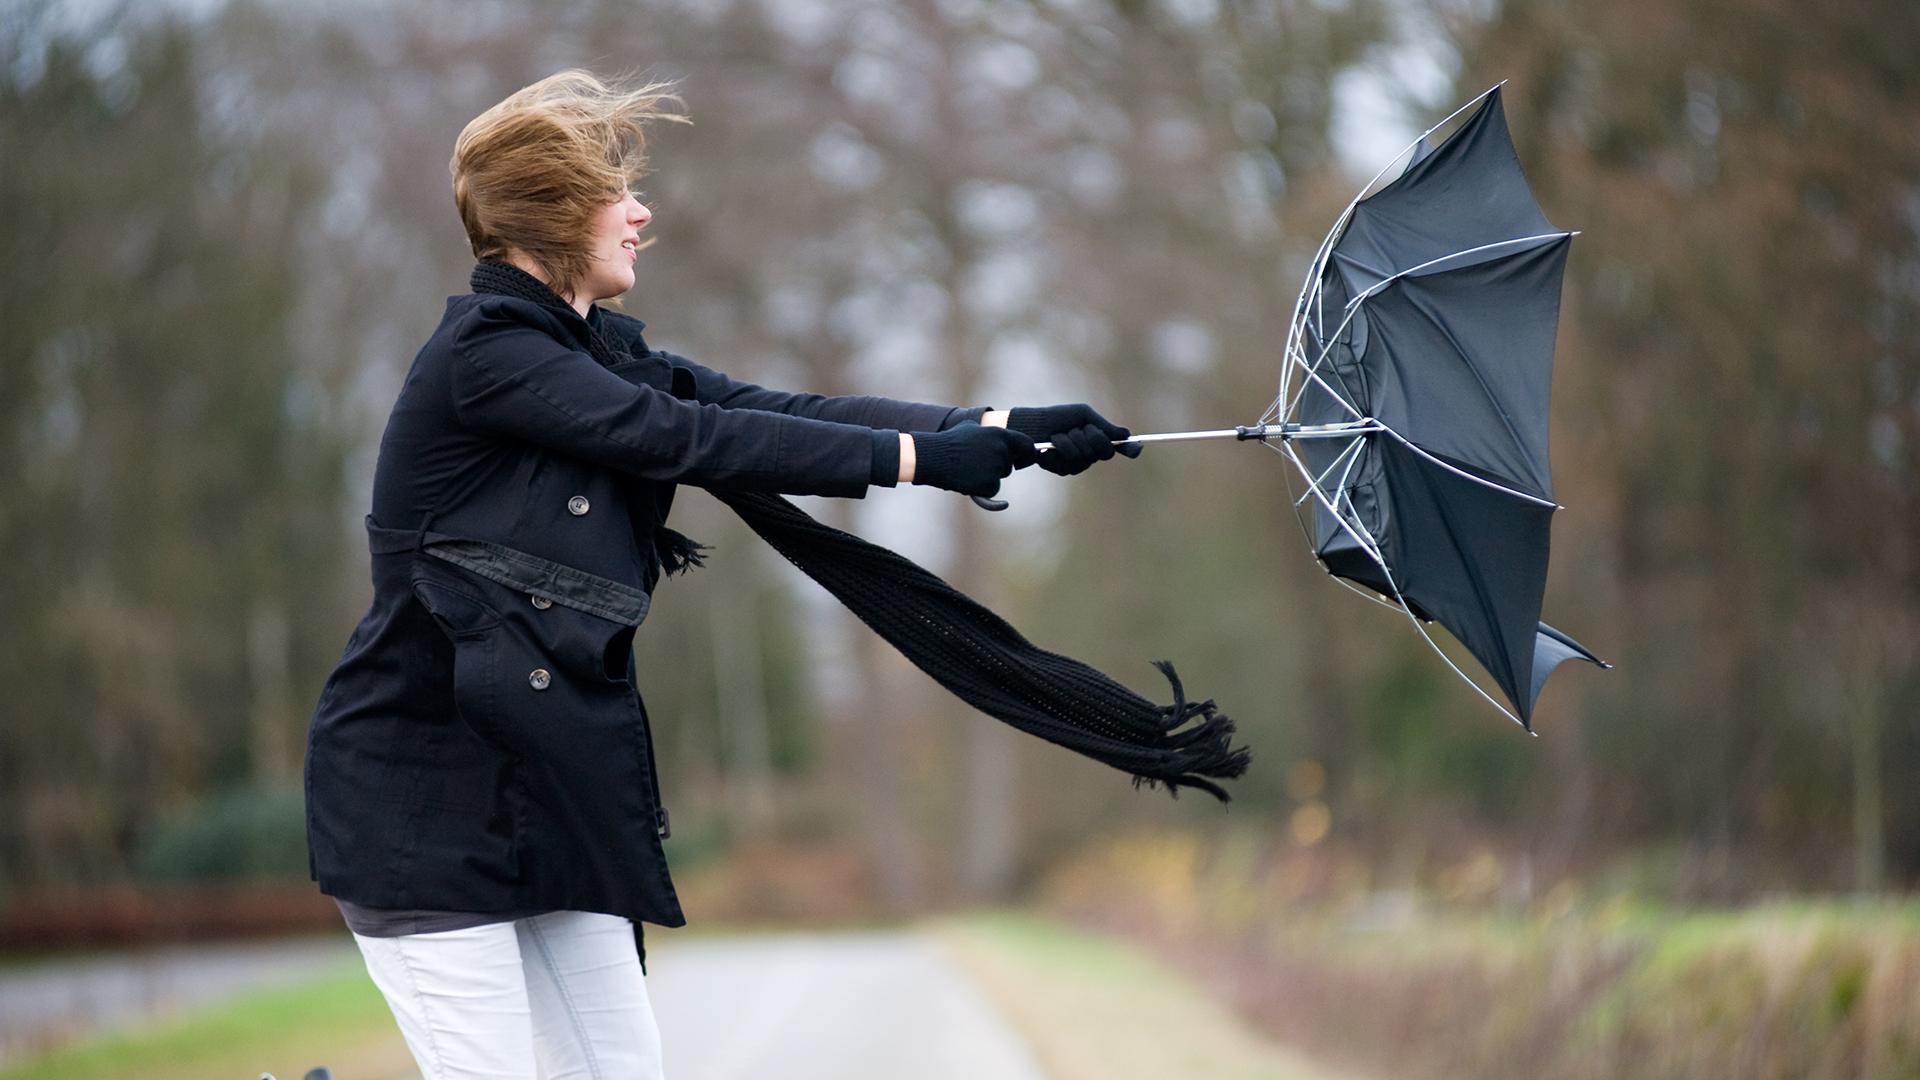 Egyre gyakoribbak lehetnek az extrém szélviharok